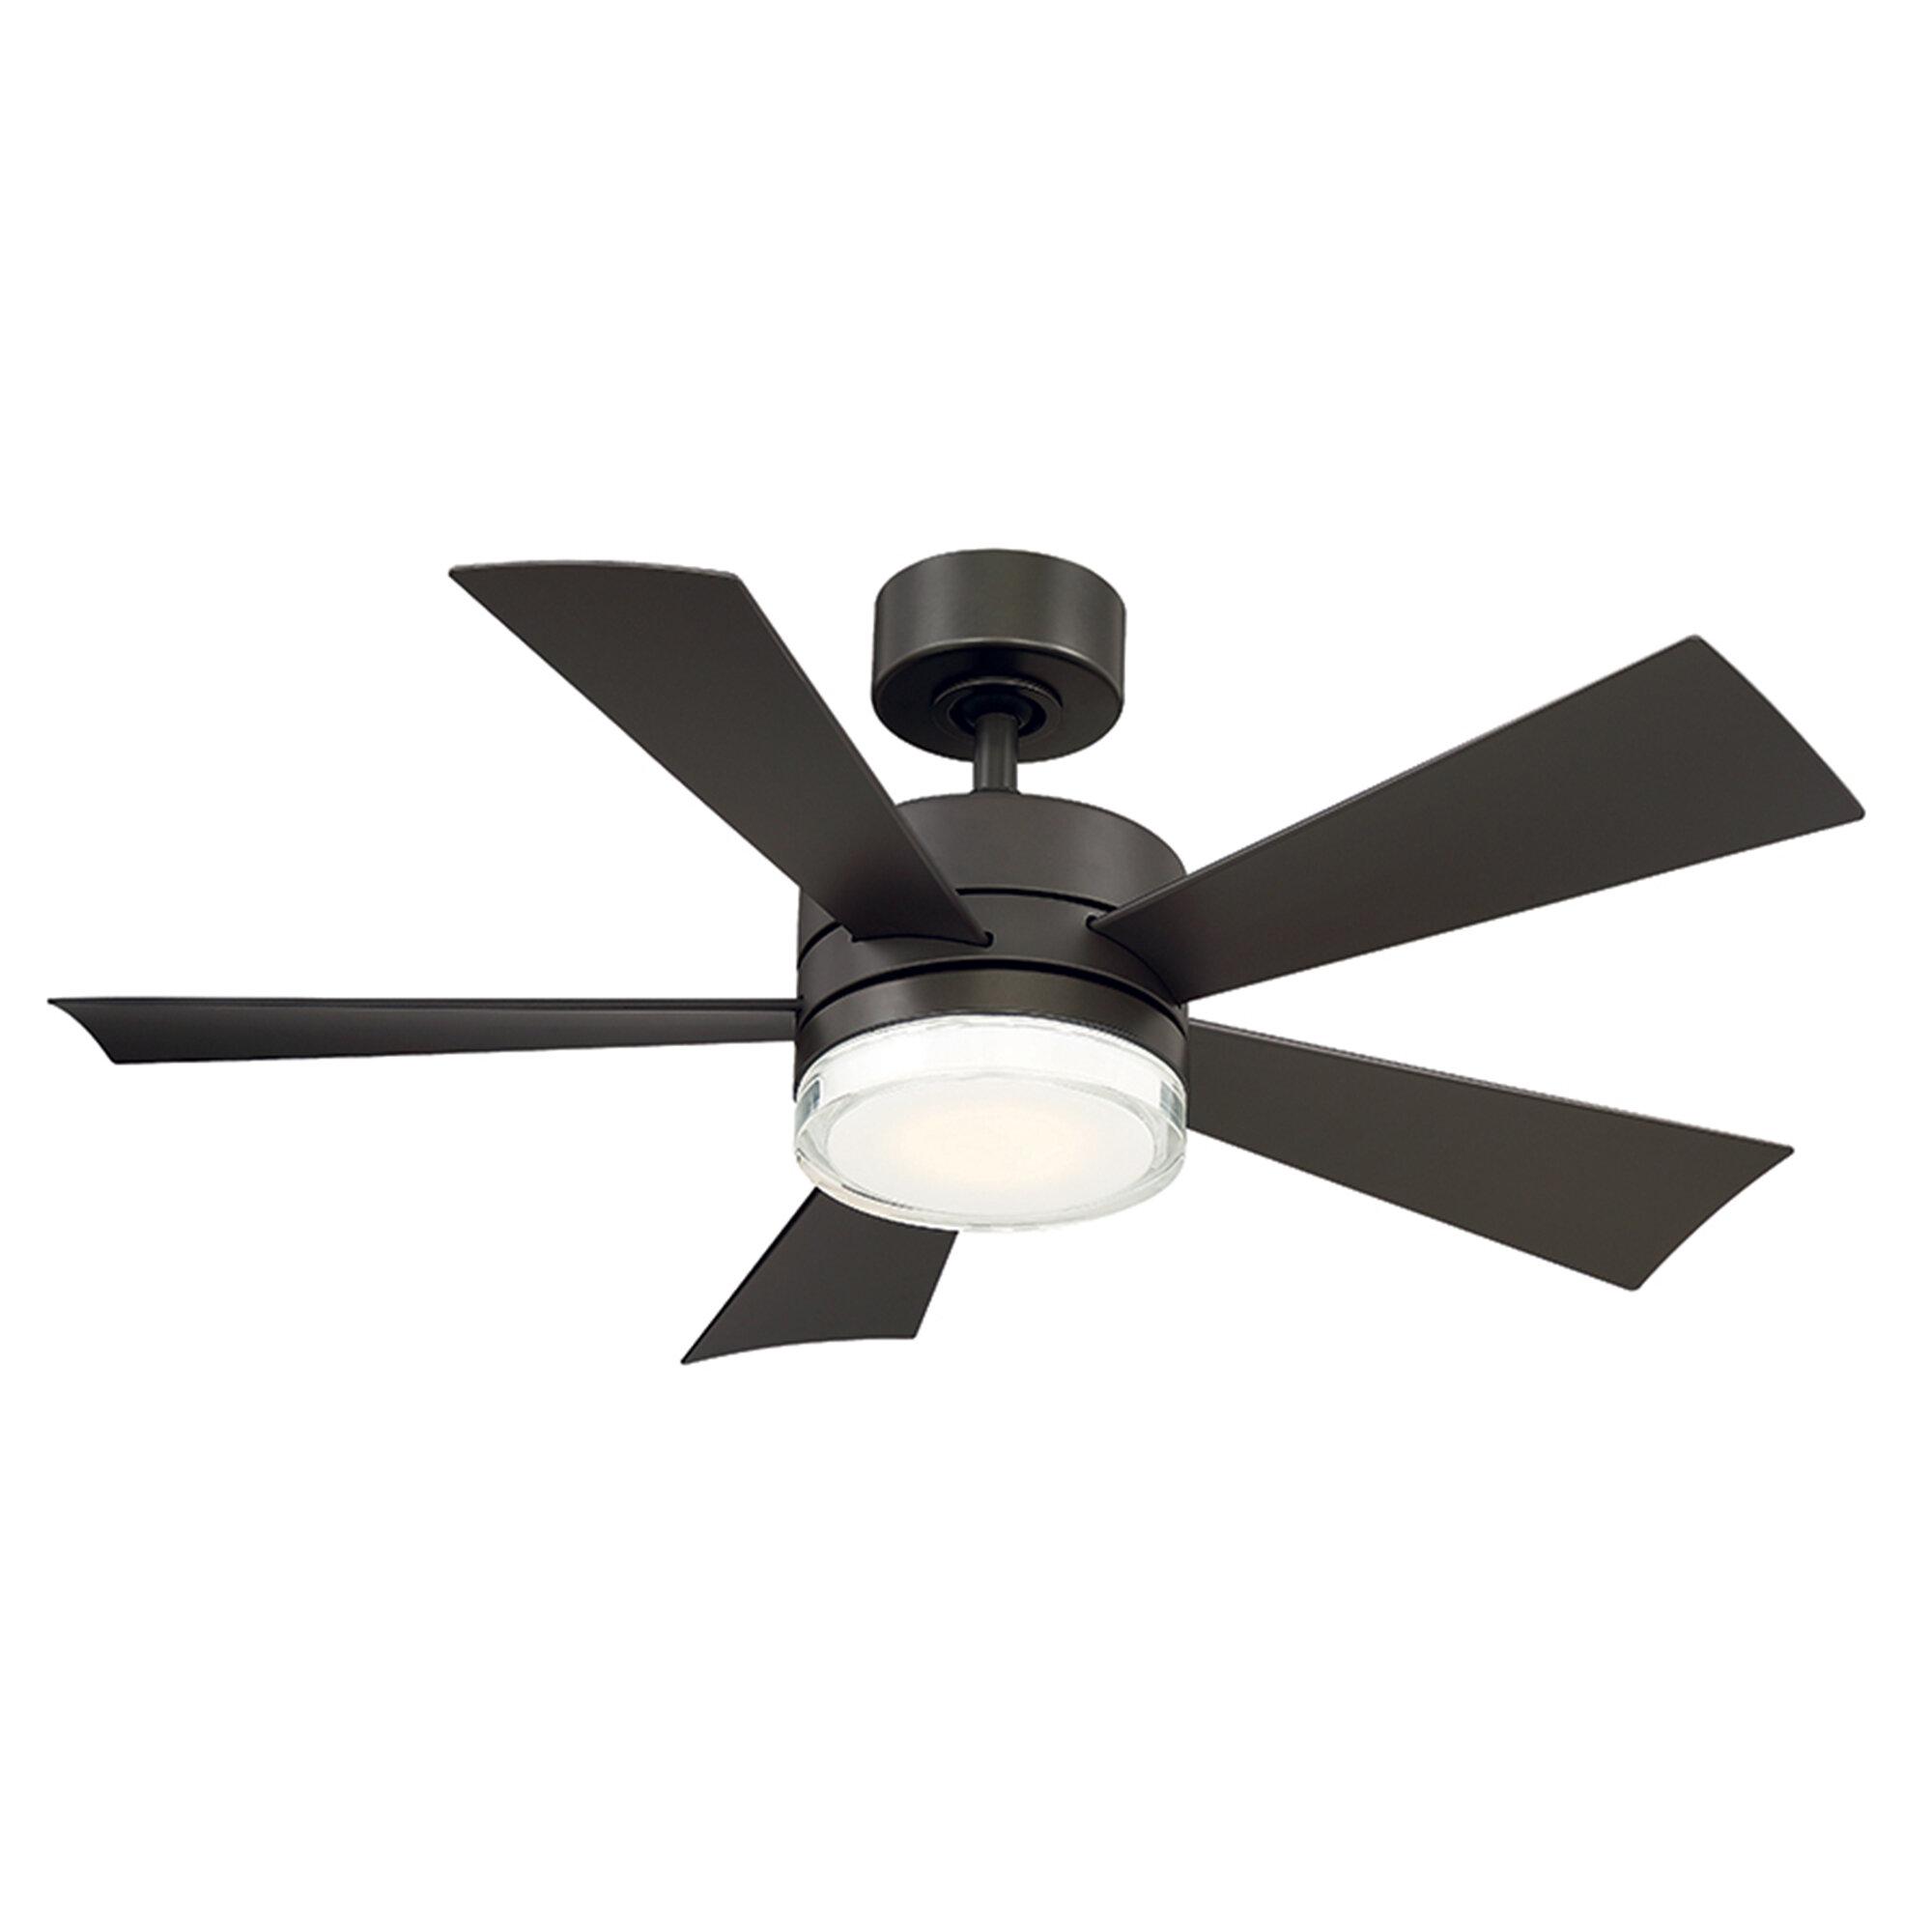 42 Wynd 5 Blade Led Smart Ceiling Fan